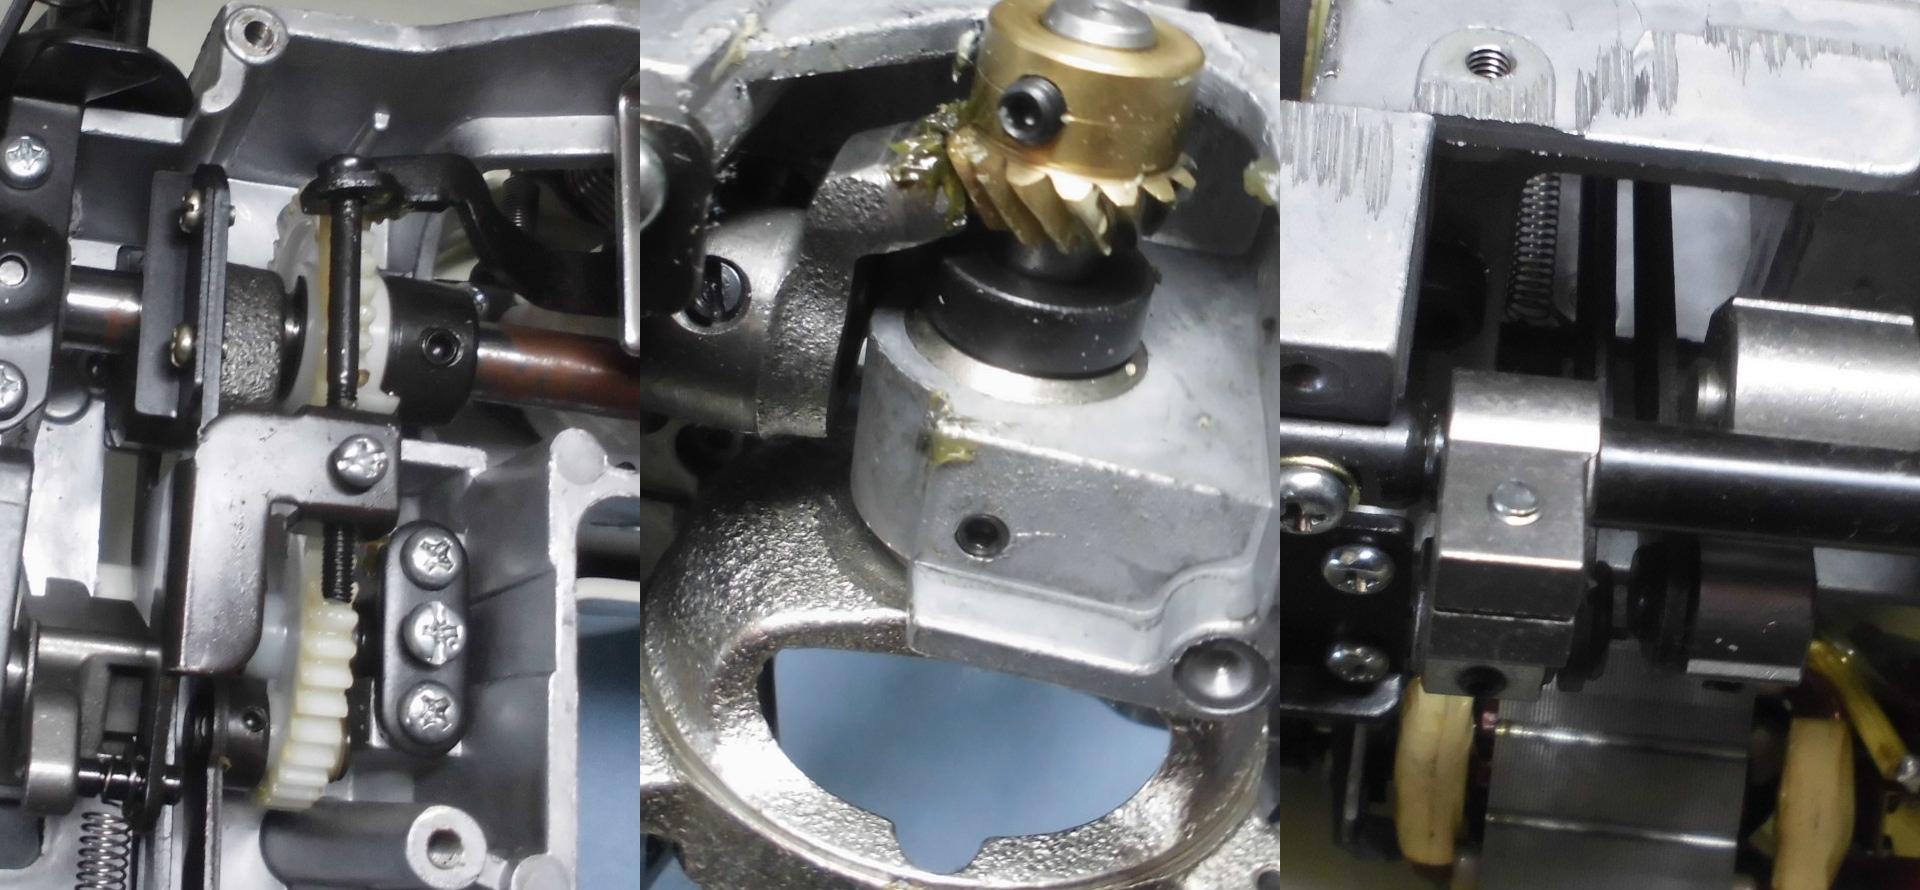 AG-002Nの症状や不具合|糸が絡まる、縫えない、異音、糸調子が合わない